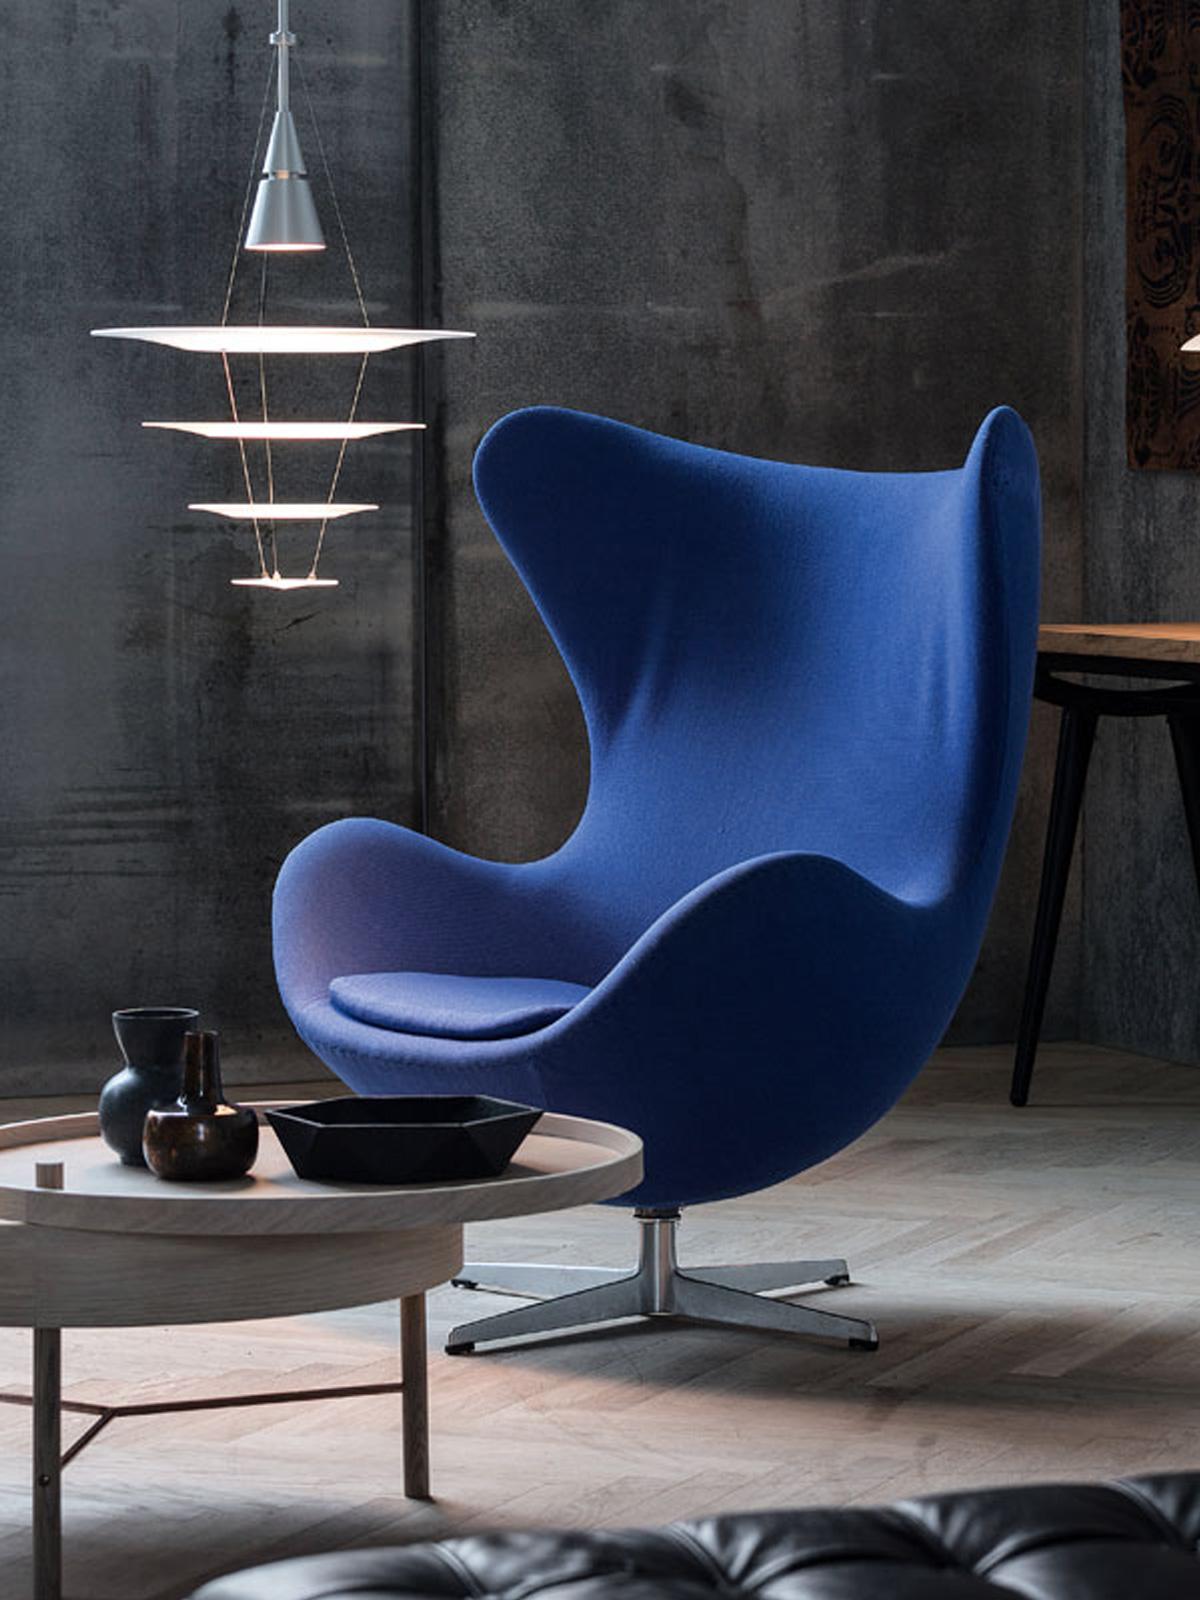 DesignOrt Blog: Asiatisches Design trifft auf Europa Poulsen Enigma